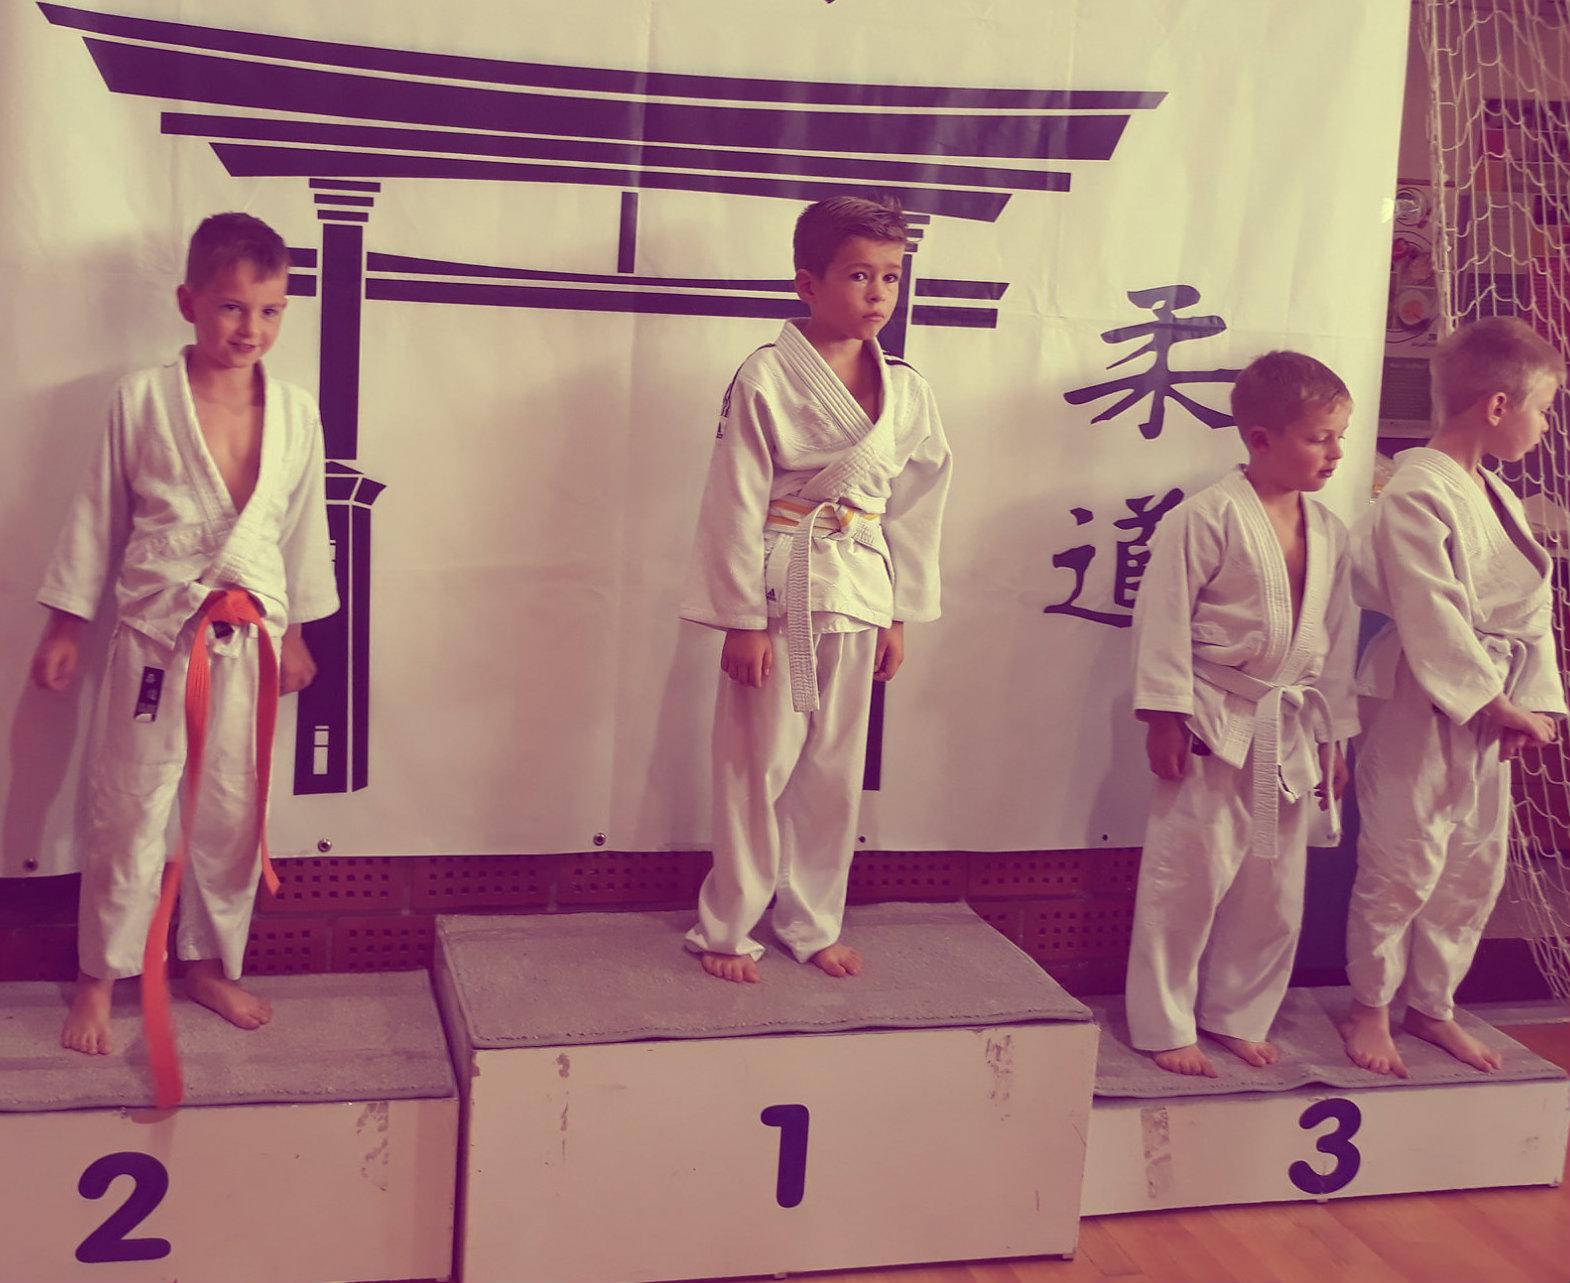 judoist judo kluba bela krajina, Miha Škof, osvoji 2. mesto